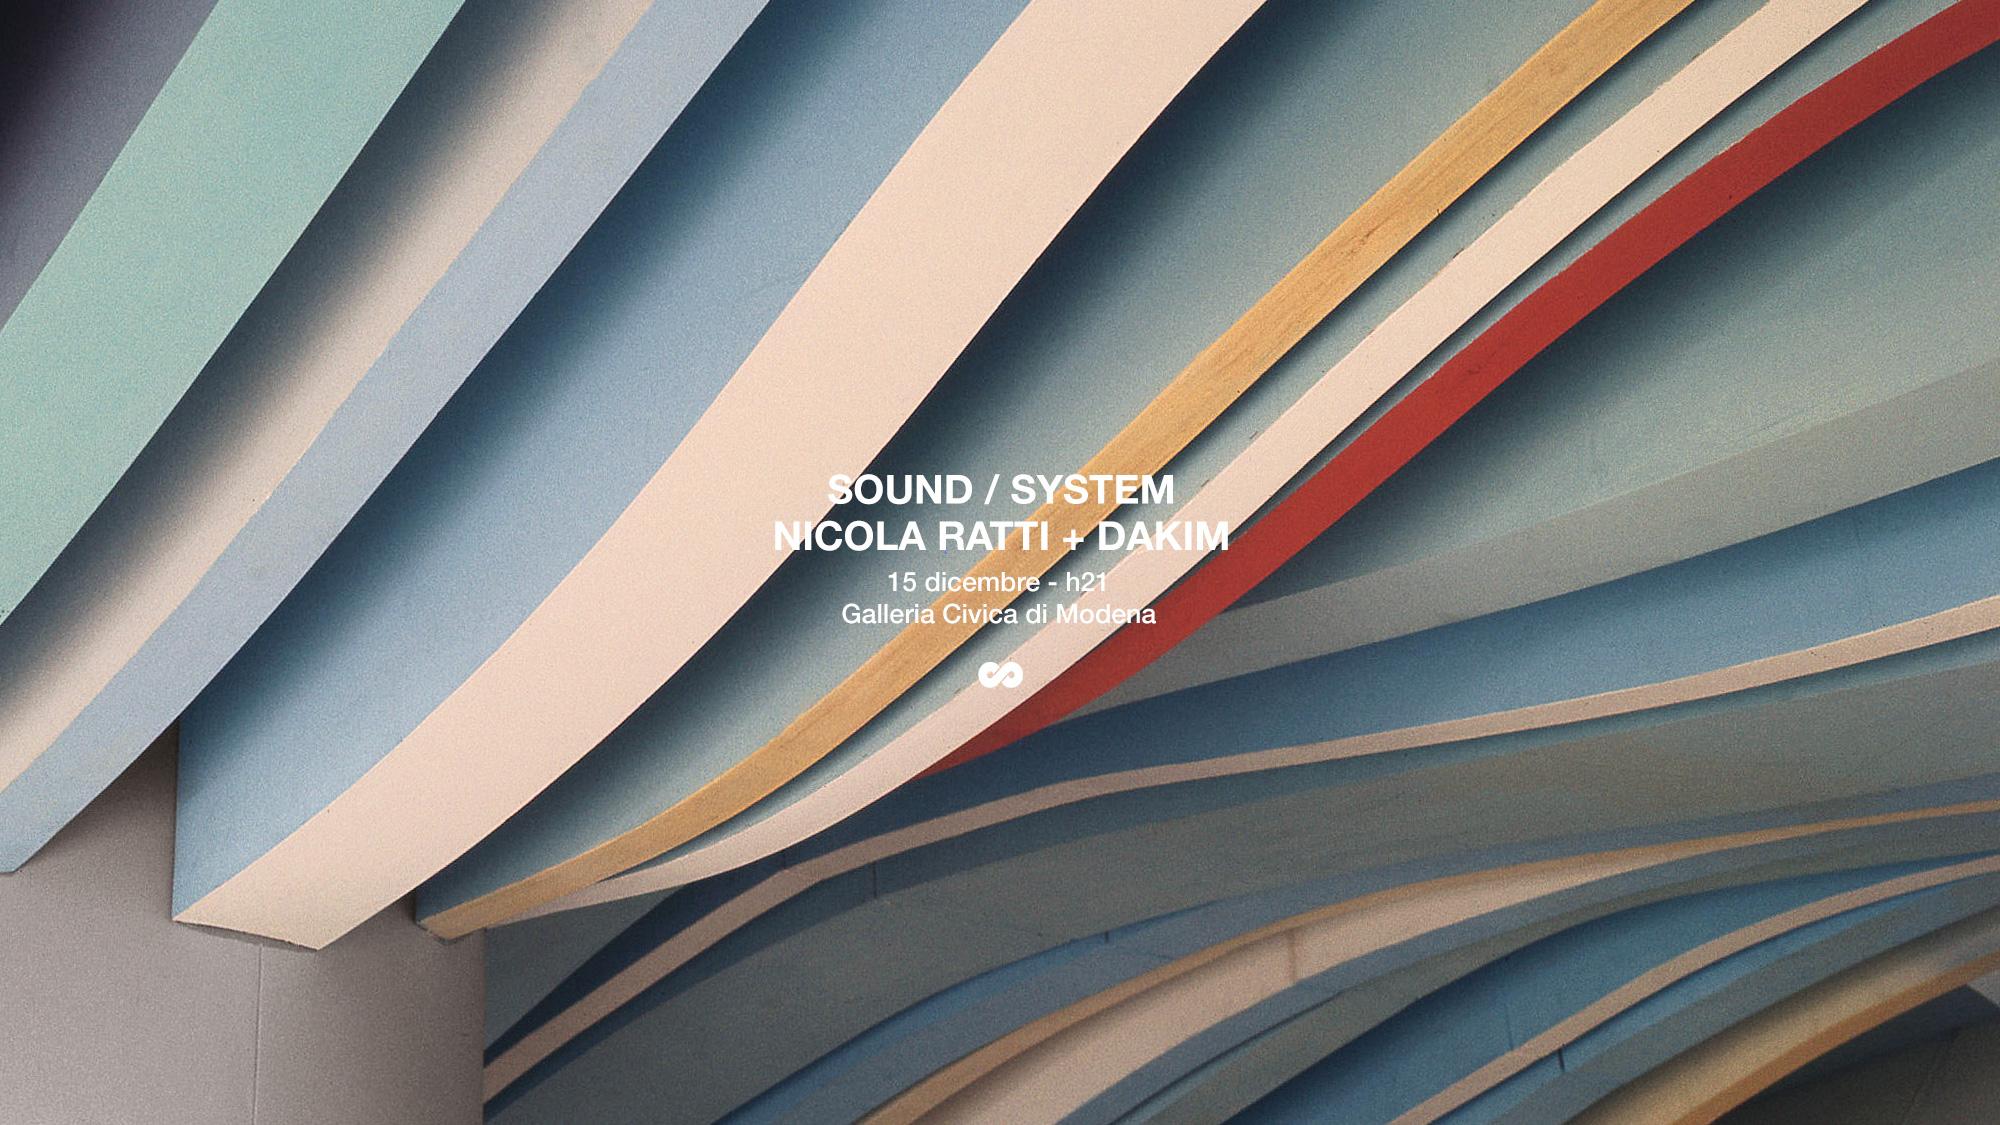 NODE presenta Sound / System – Nicola Ratti + Dakim